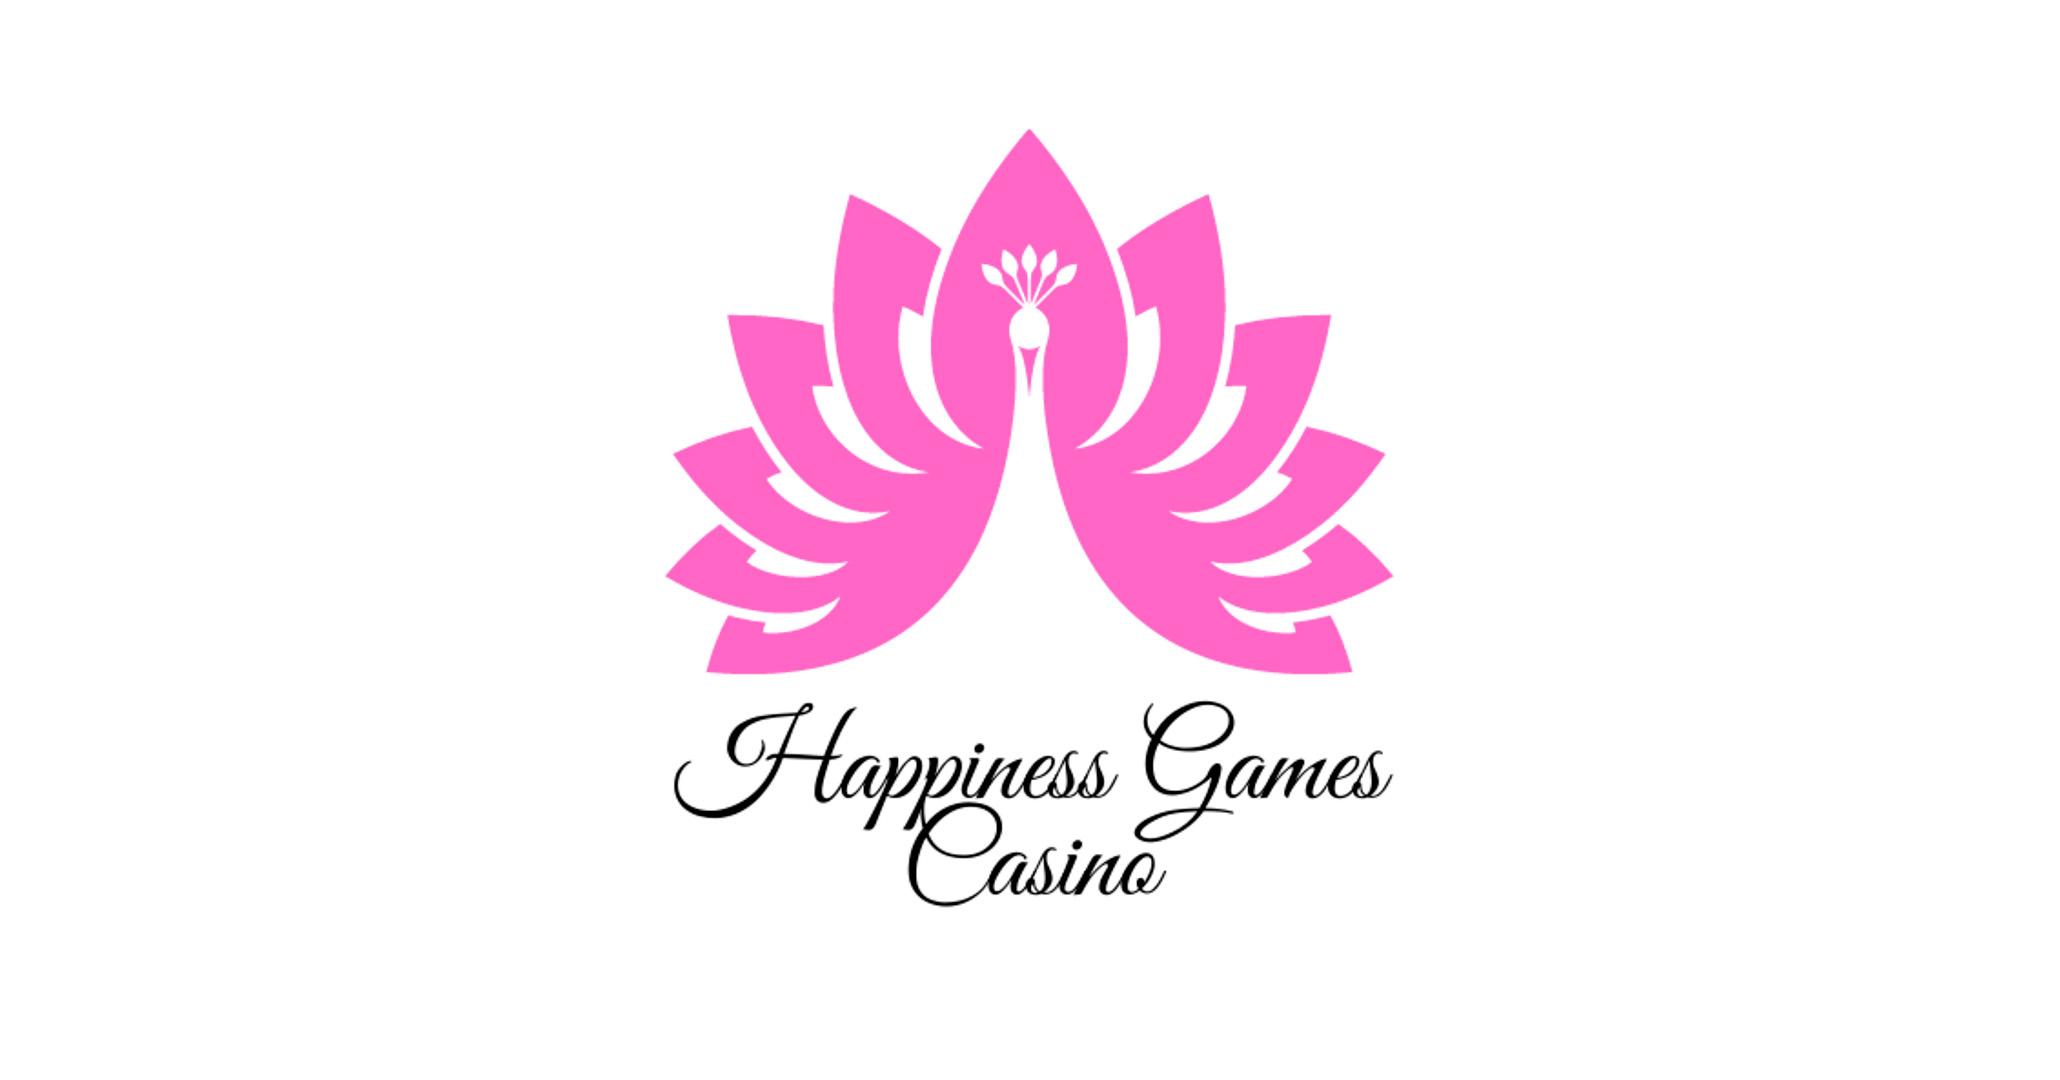 1630435844_casino.jpg